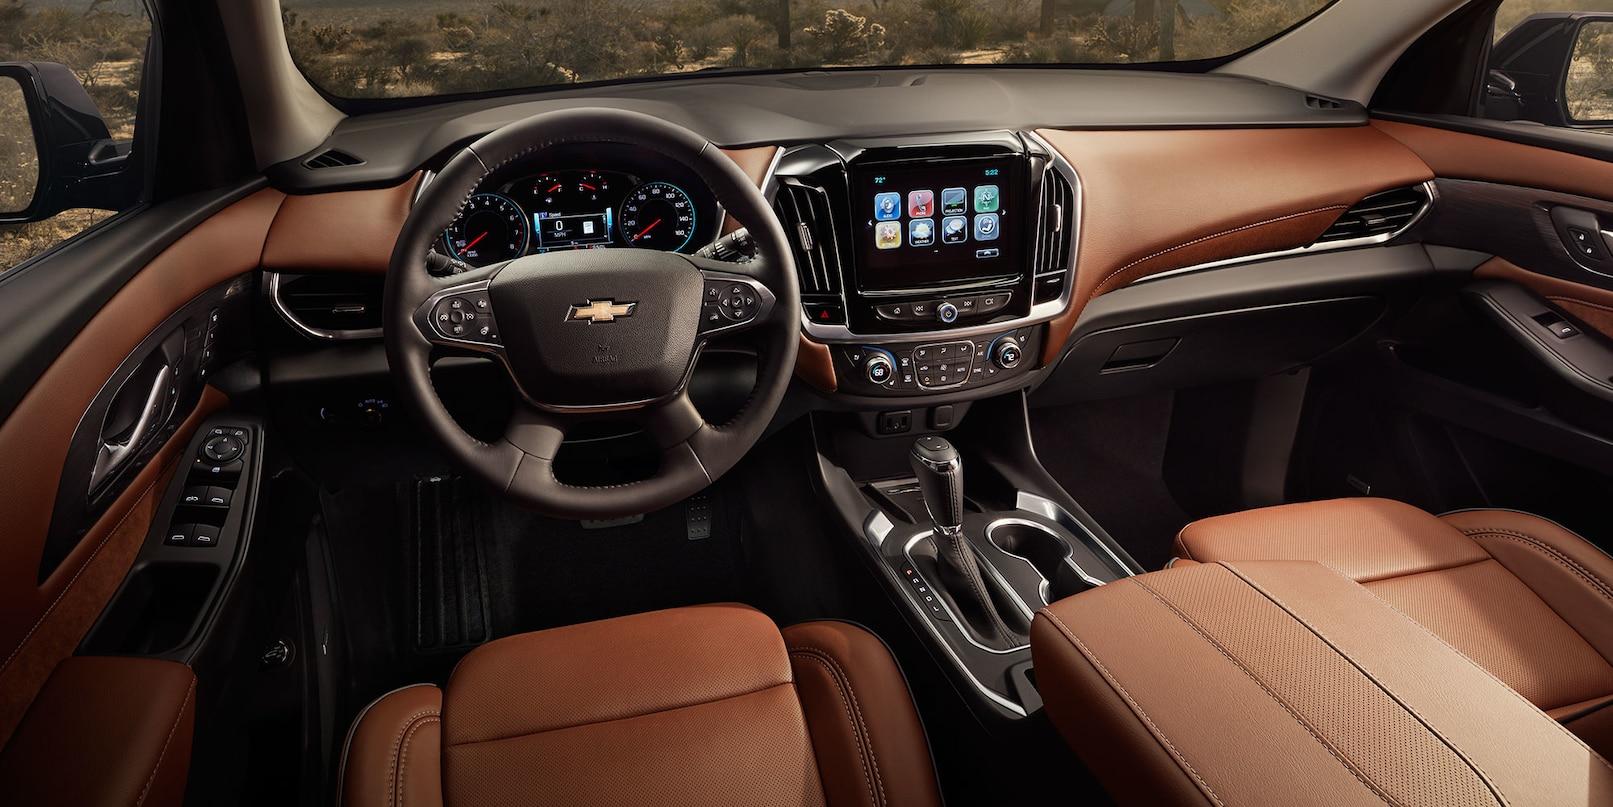 2018 Chevrolet Traverse for Sale near Dallas, TX - David ...